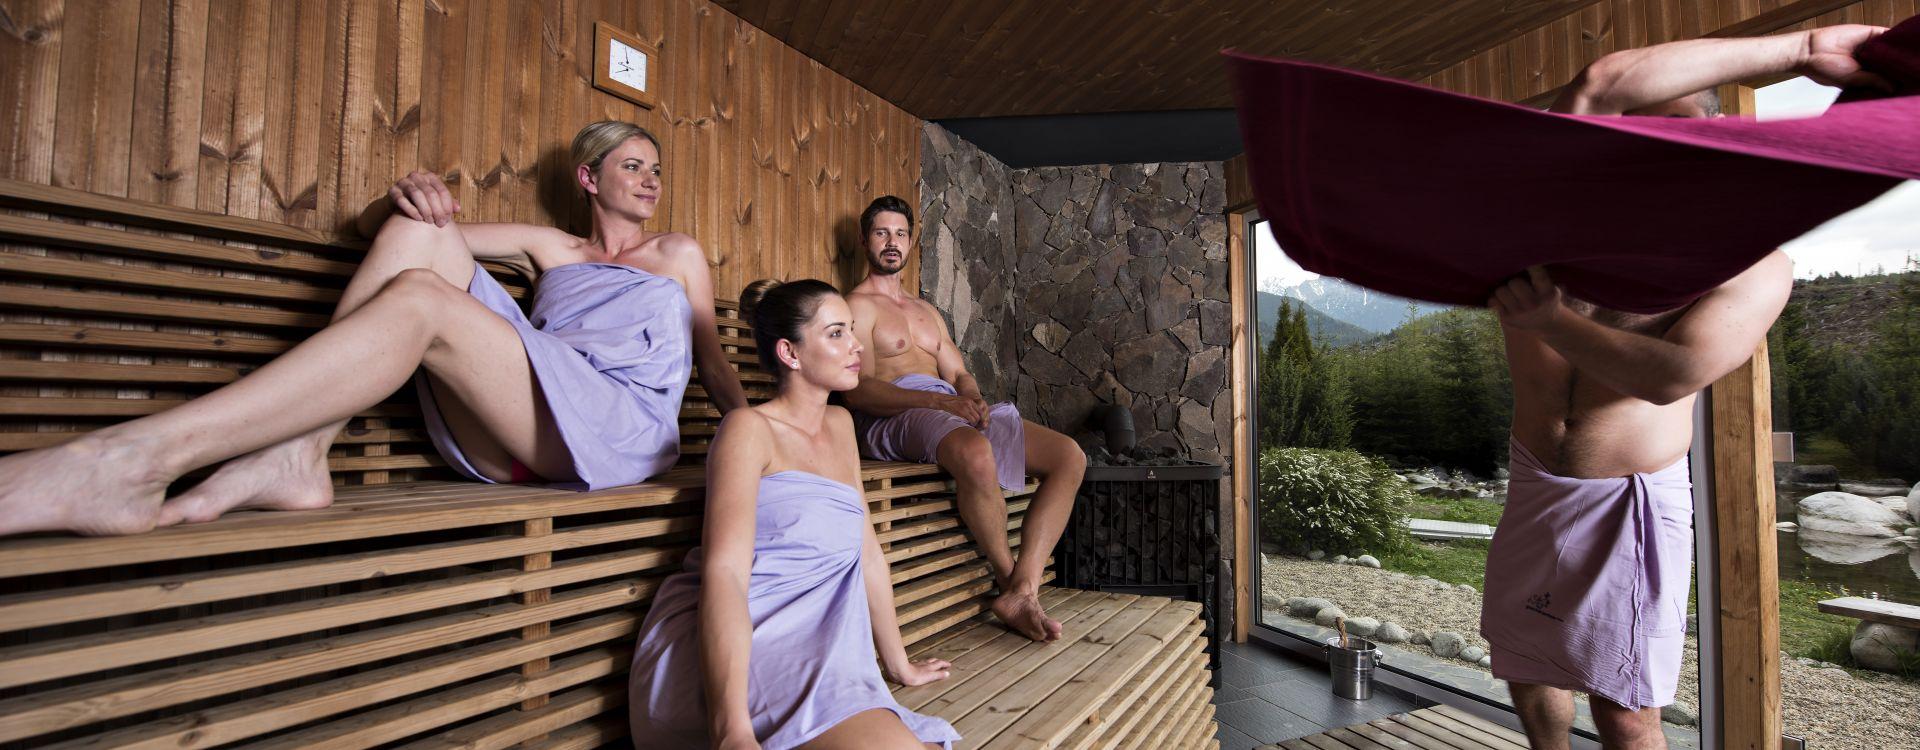 abac7d10d Permon All Inclusive - Grand Hotel Permon**** | LazneTravel.cz